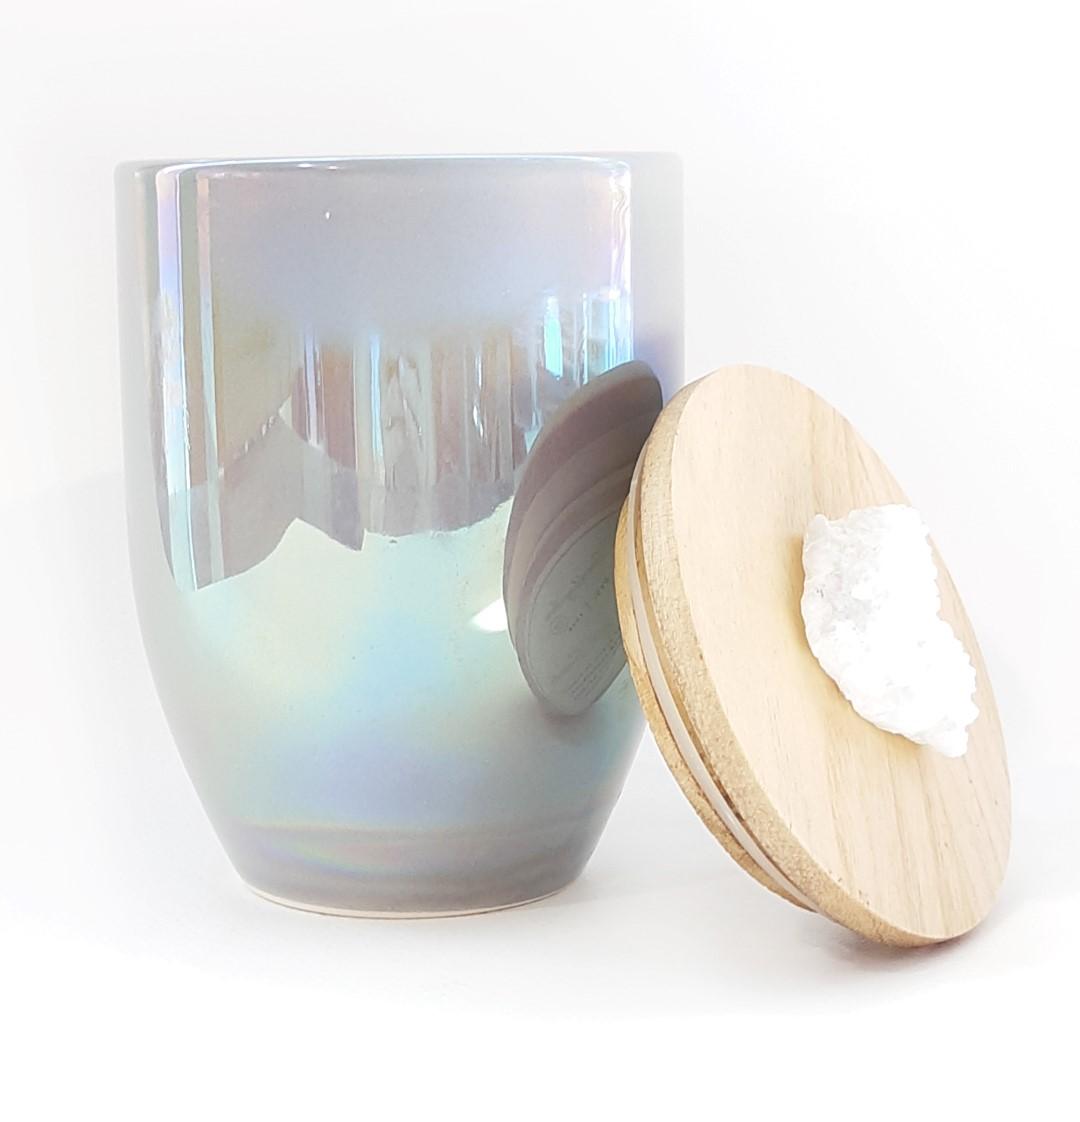 נר גדול עם מכסה עץ וידית אבן - Cashmere & Suede